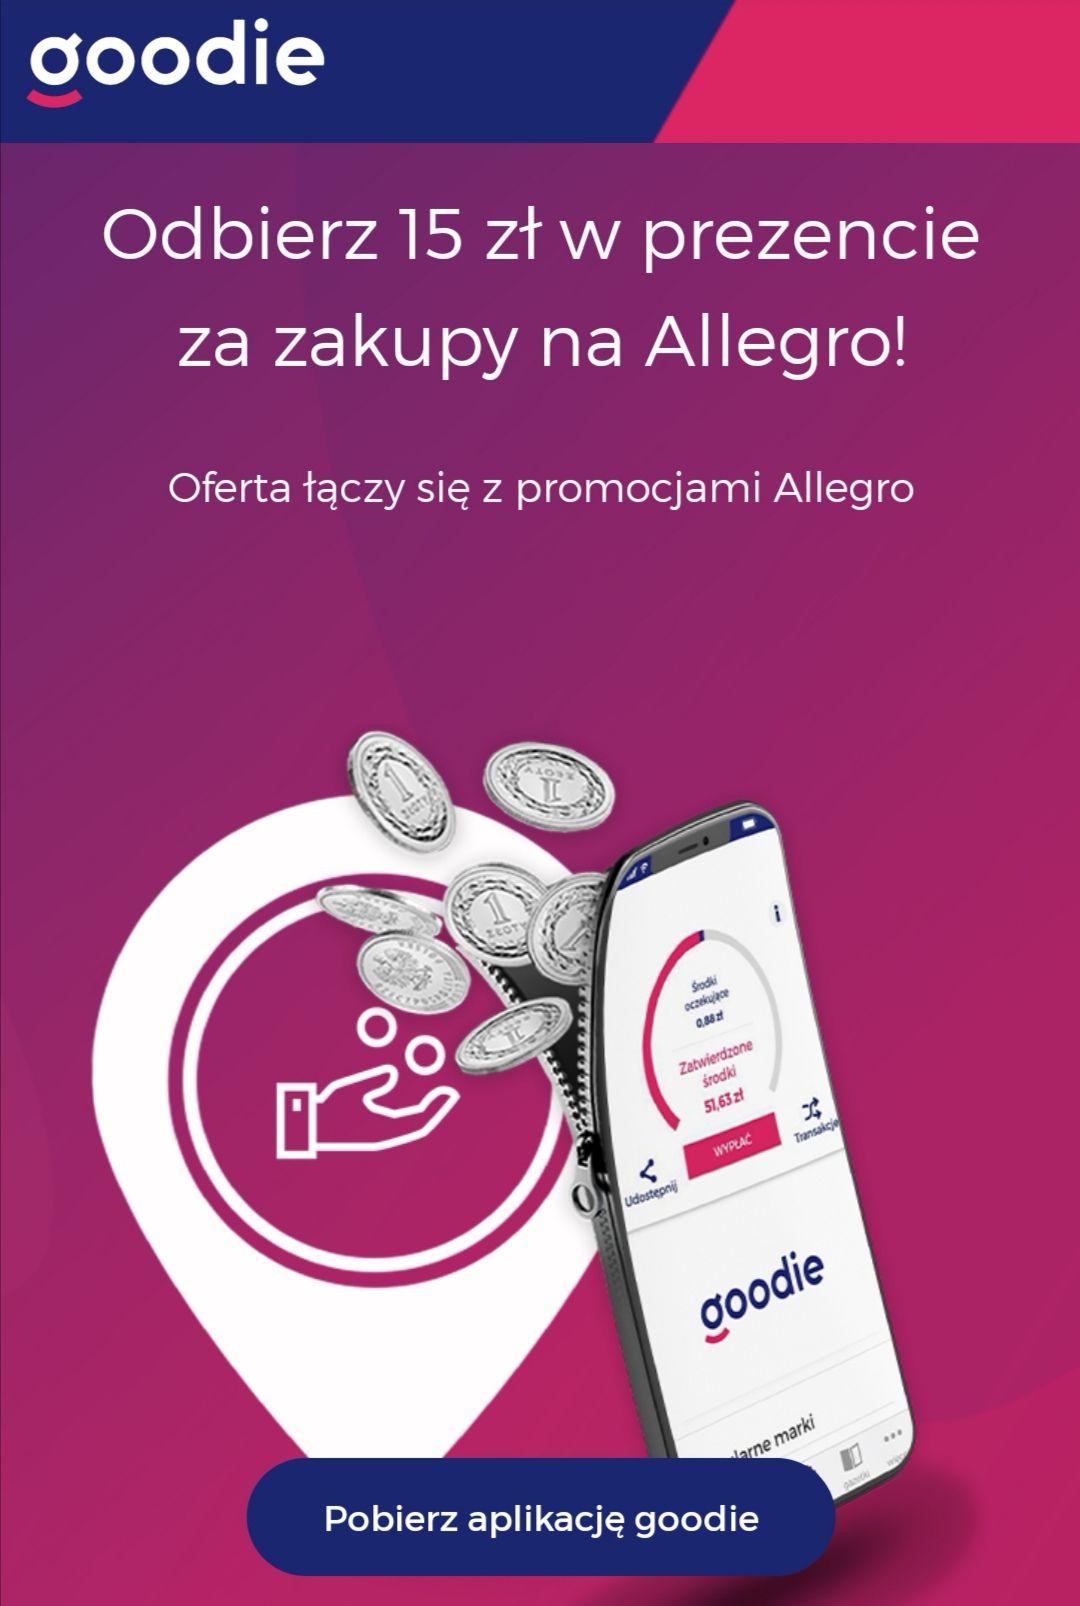 Goodie - cashback 15zł Allegro (dla nowych)